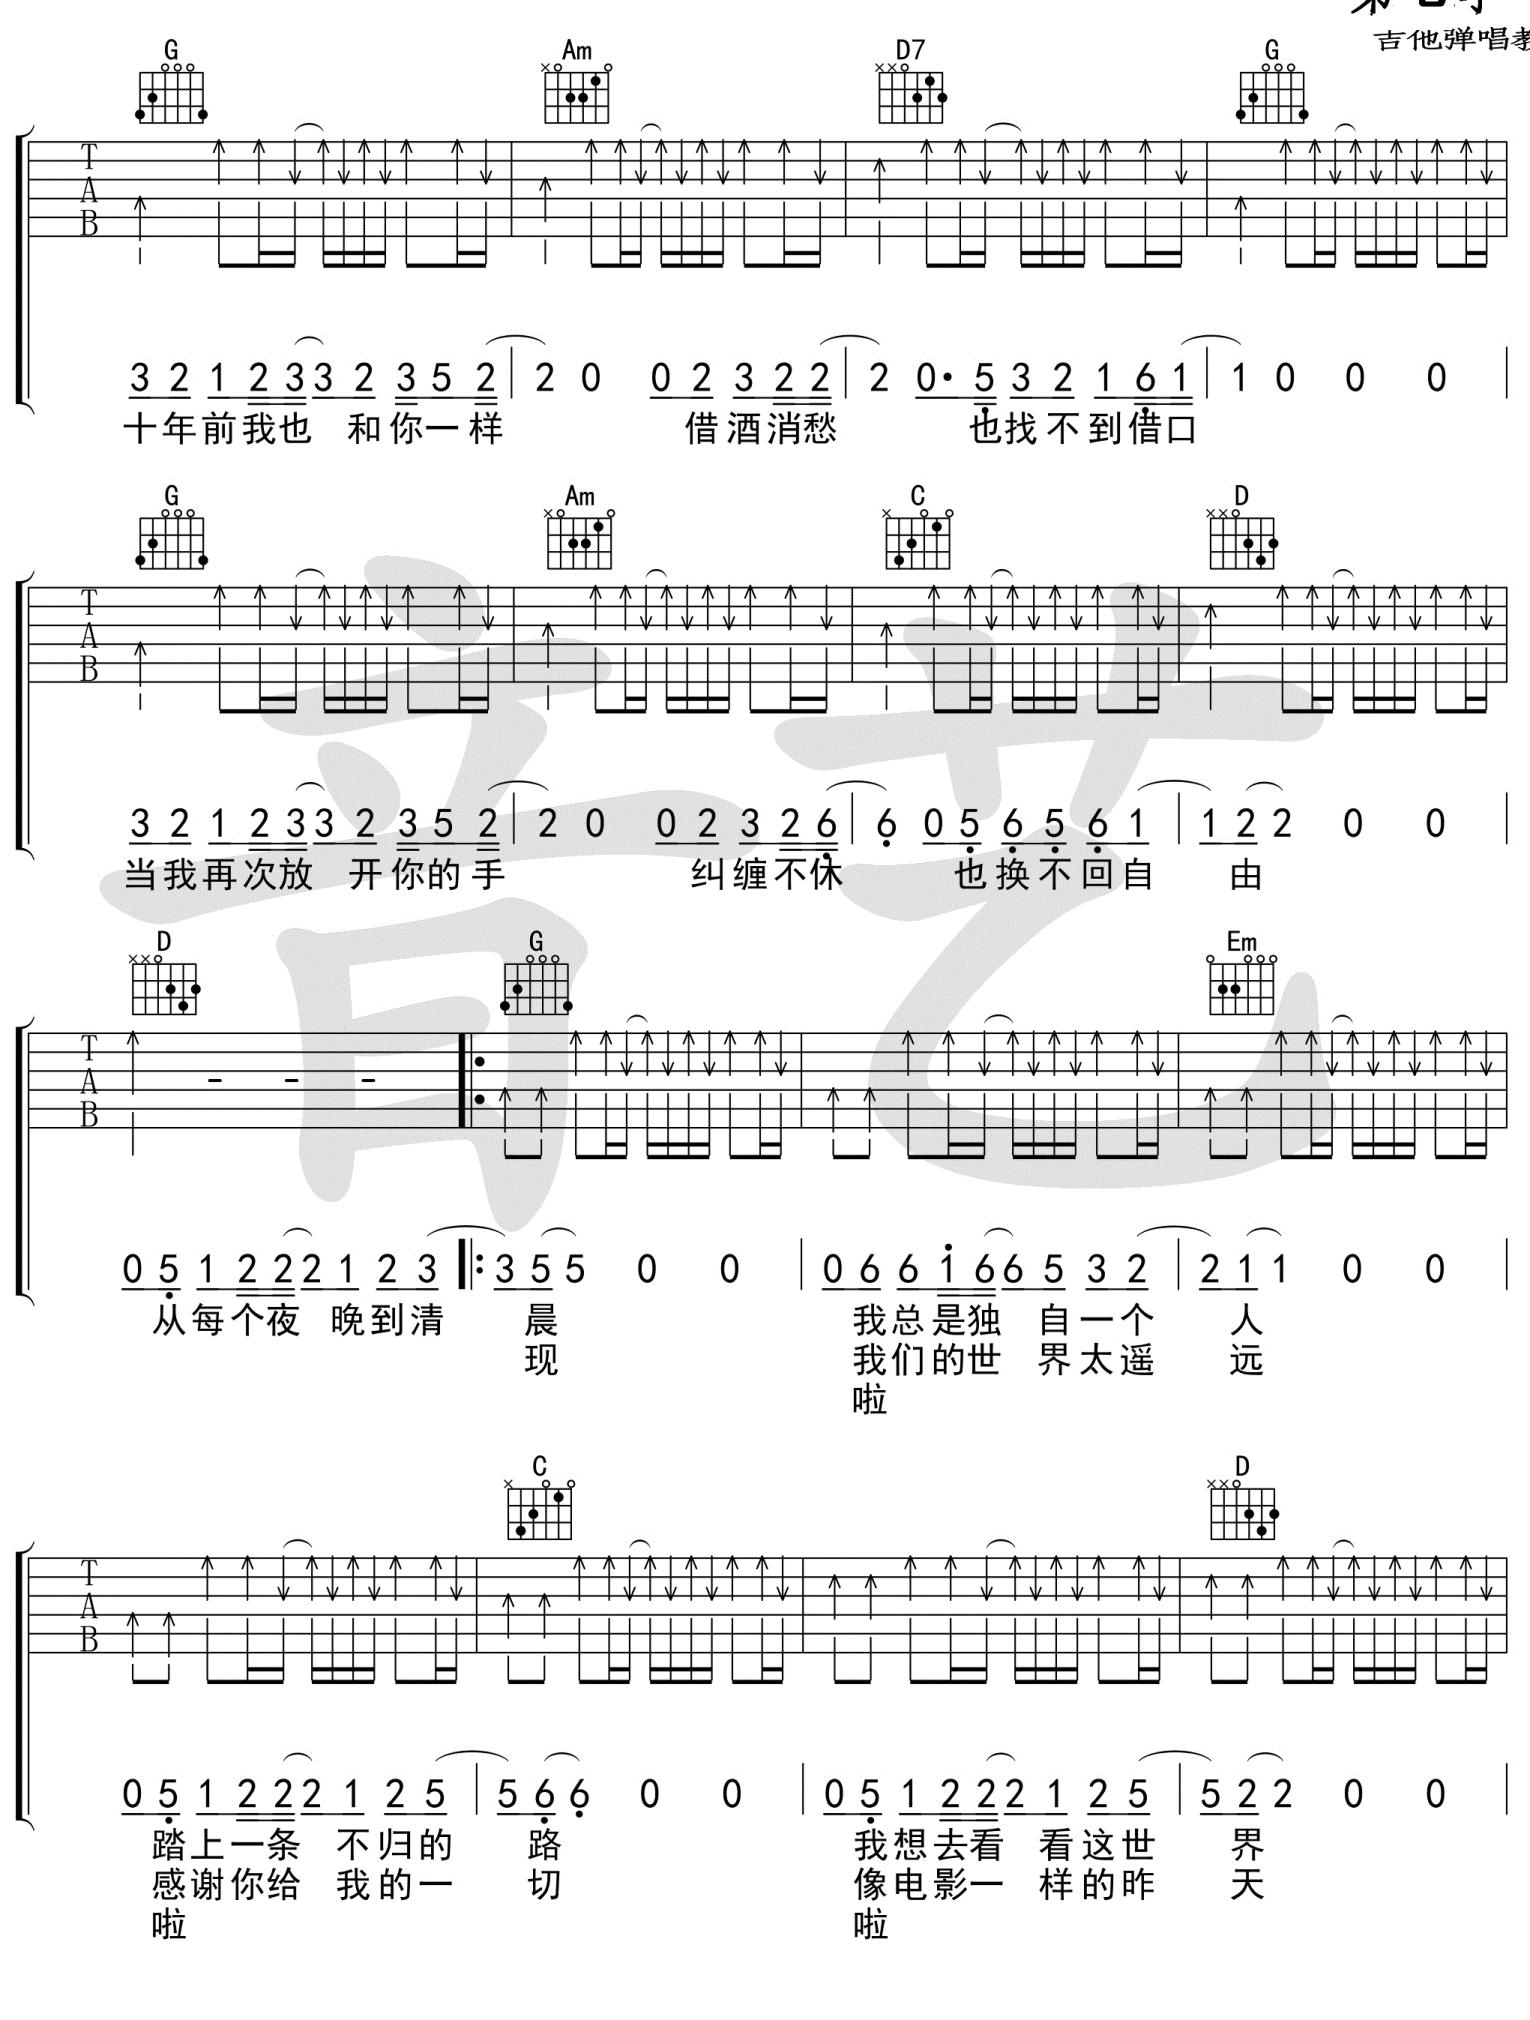 從夜晚到清晨-貳佰-图片吉他谱-2